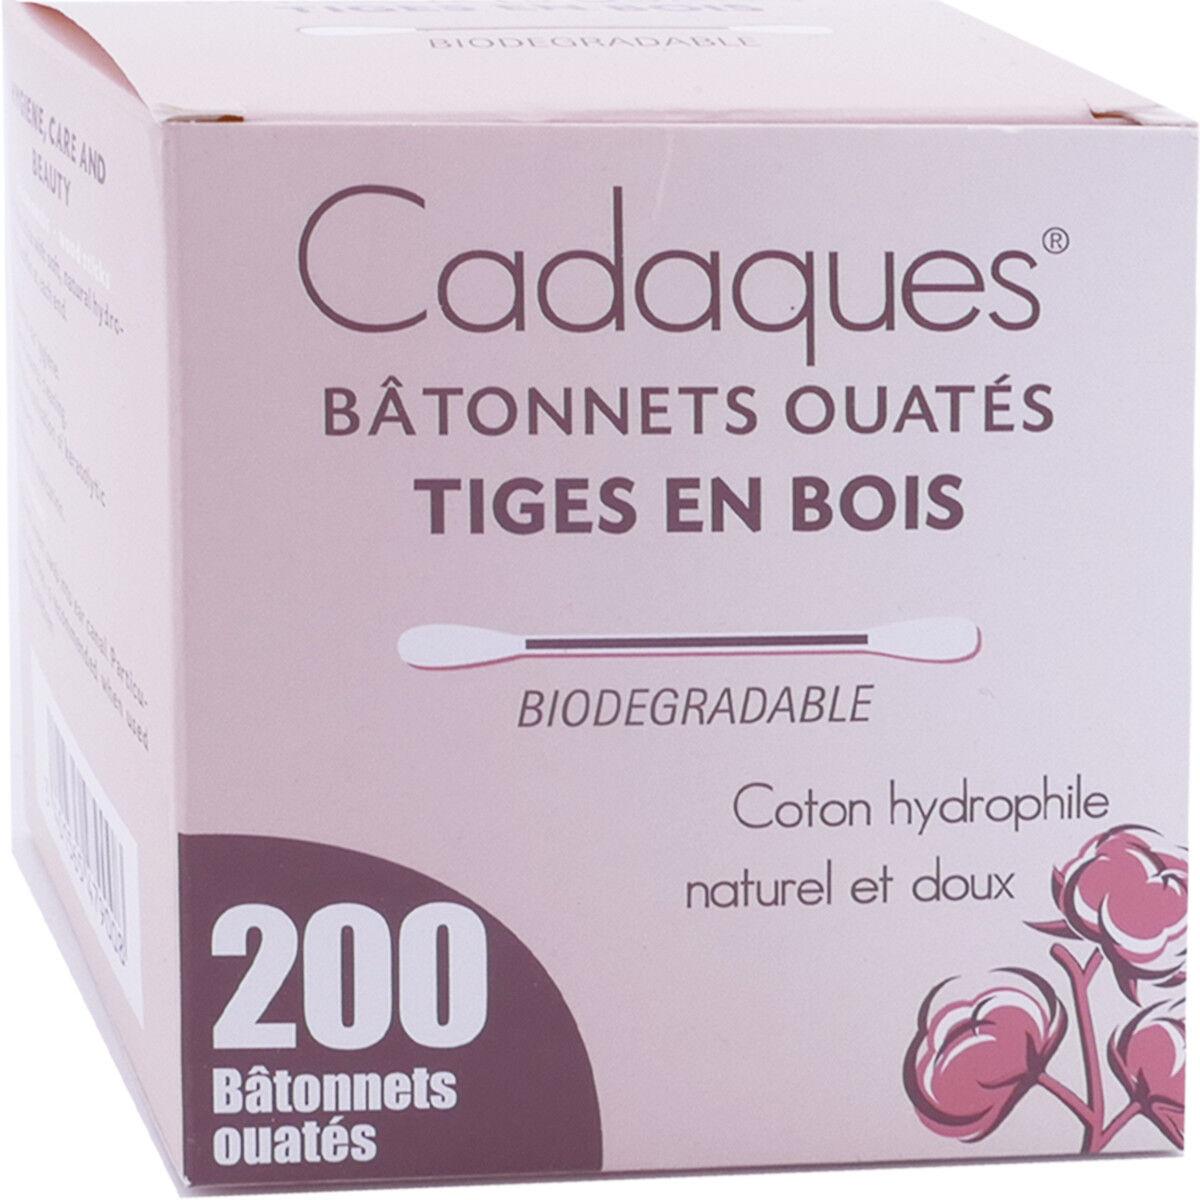 DIVERS Cadaques 200 bÂtonnets ouates coton hydrophile